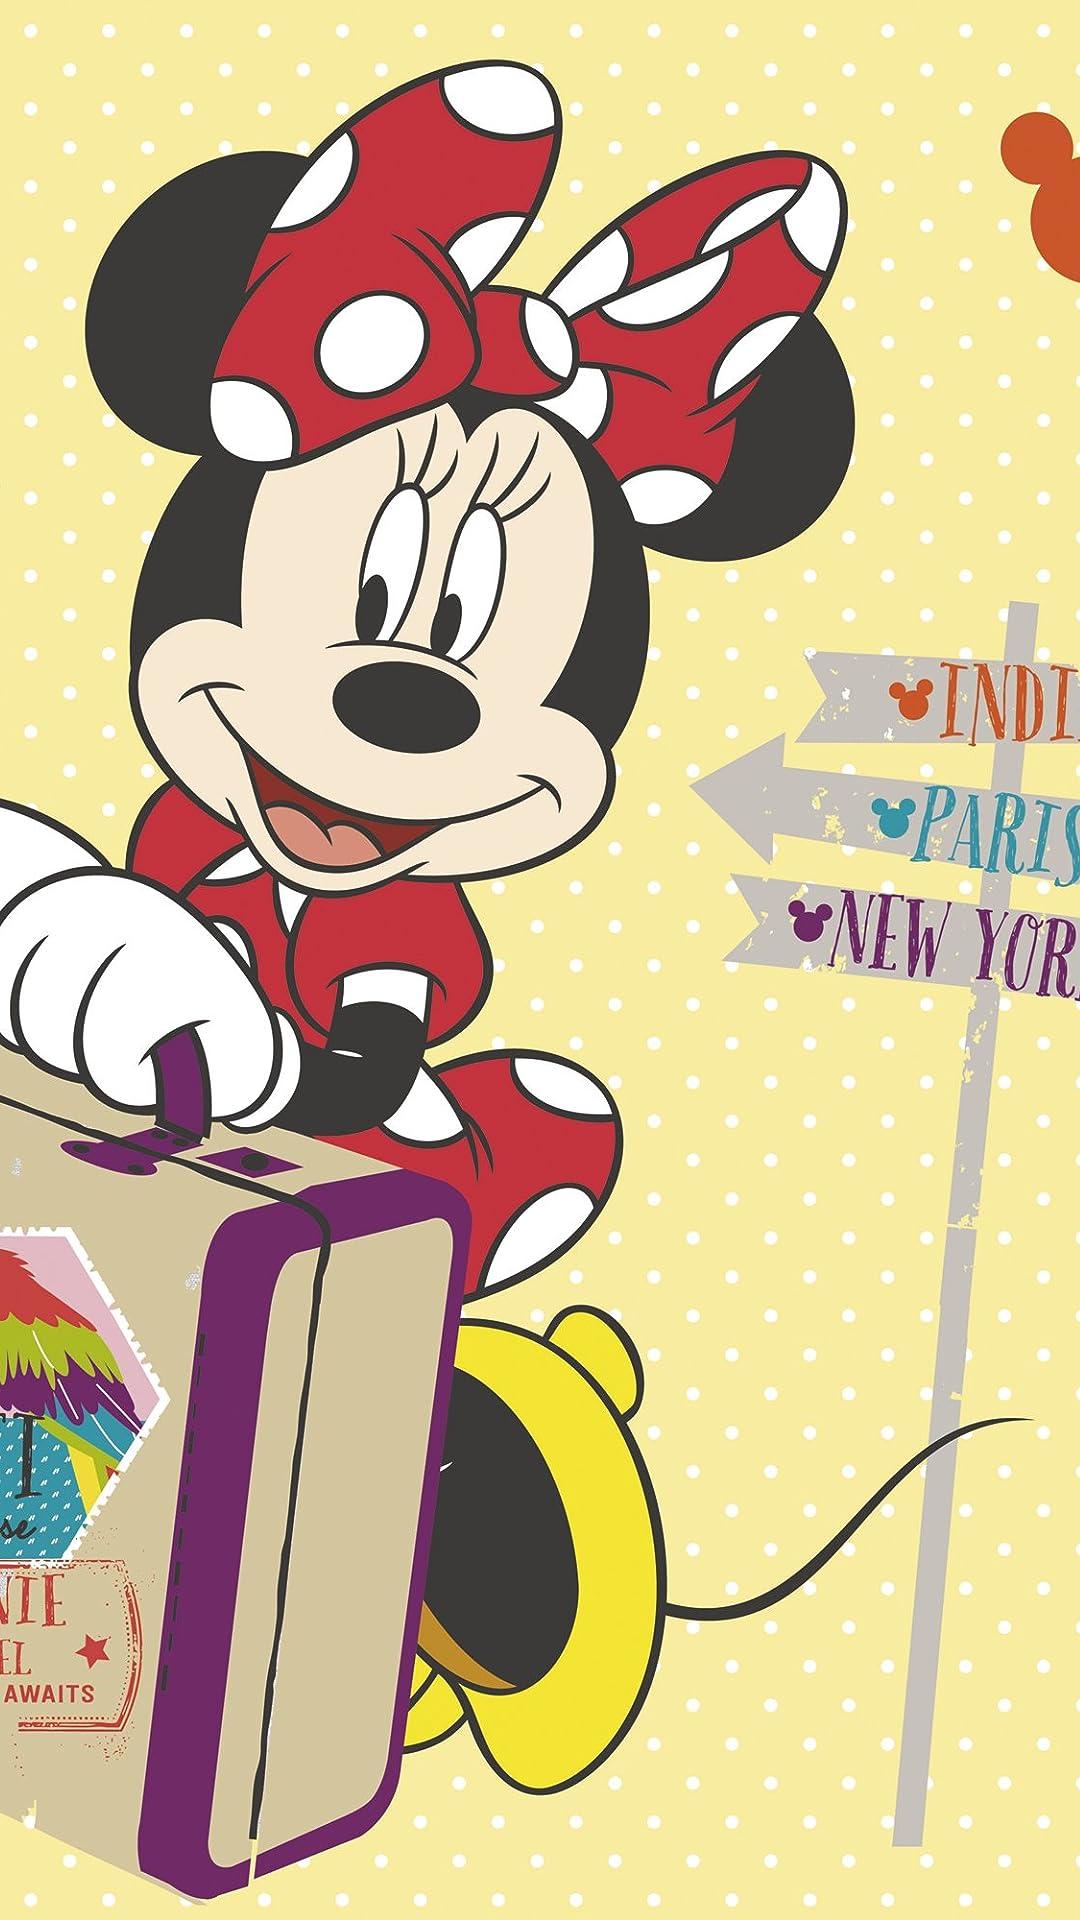 ディズニー ミニーマウス フルhd 1080 1920 スマホ壁紙 待受 画像37717